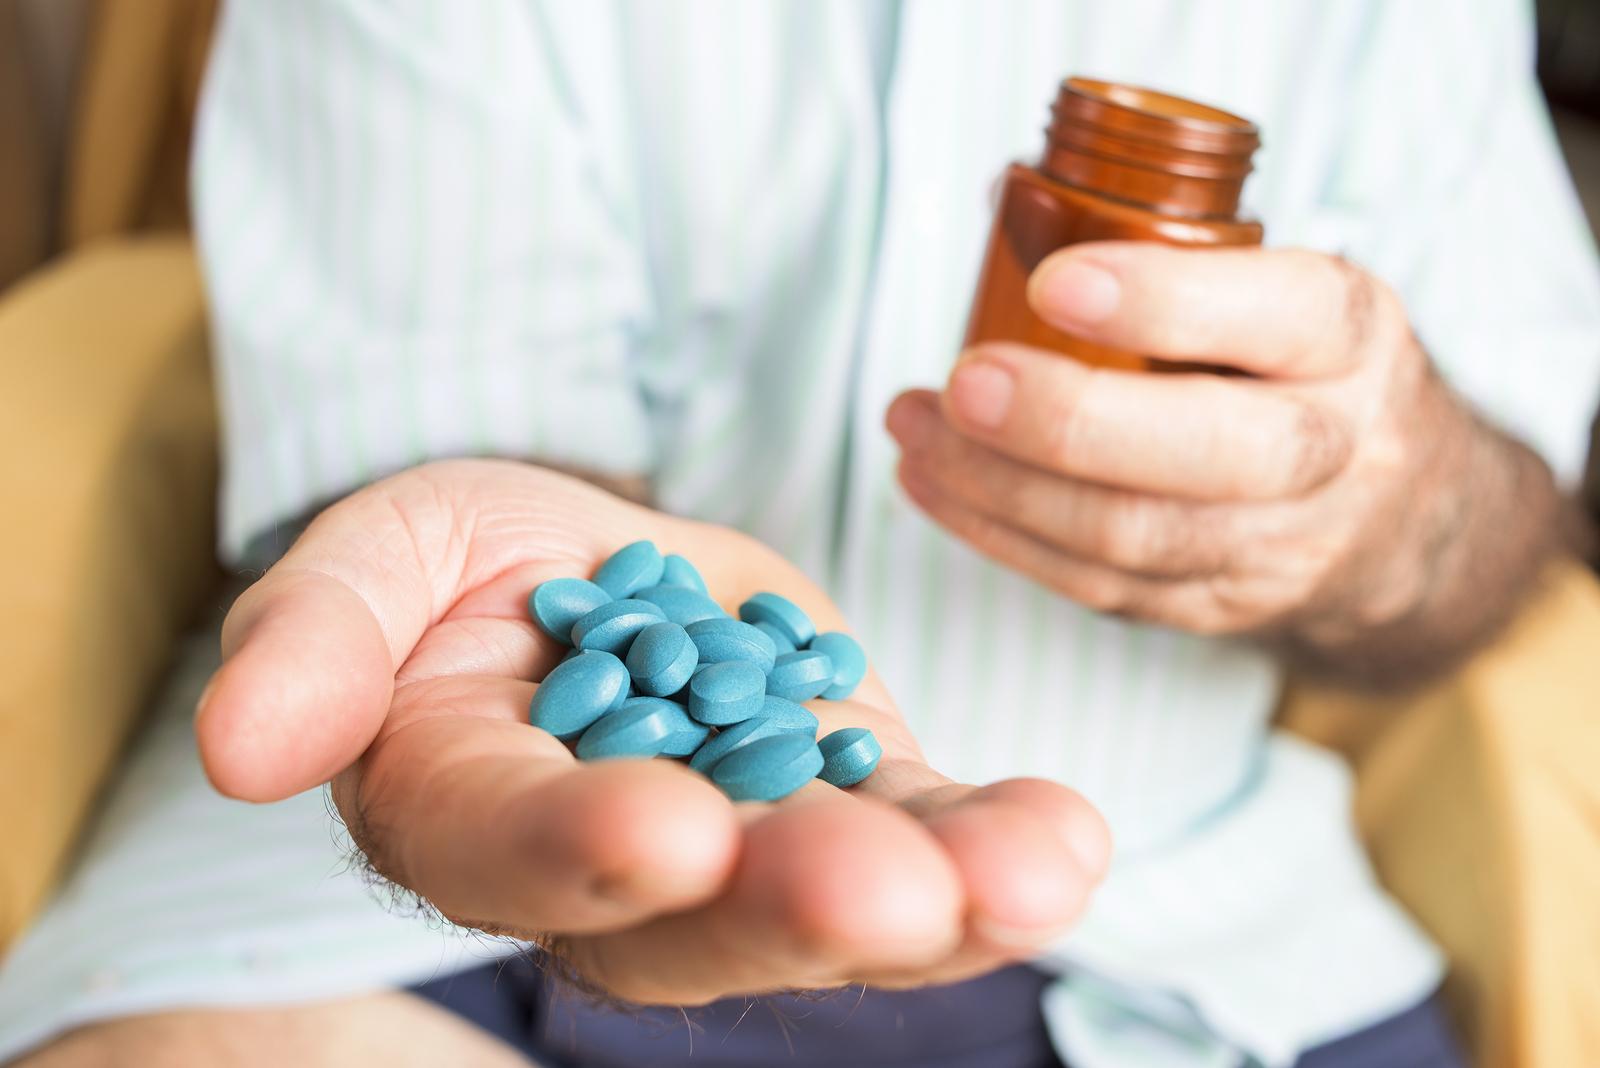 pill dependence start